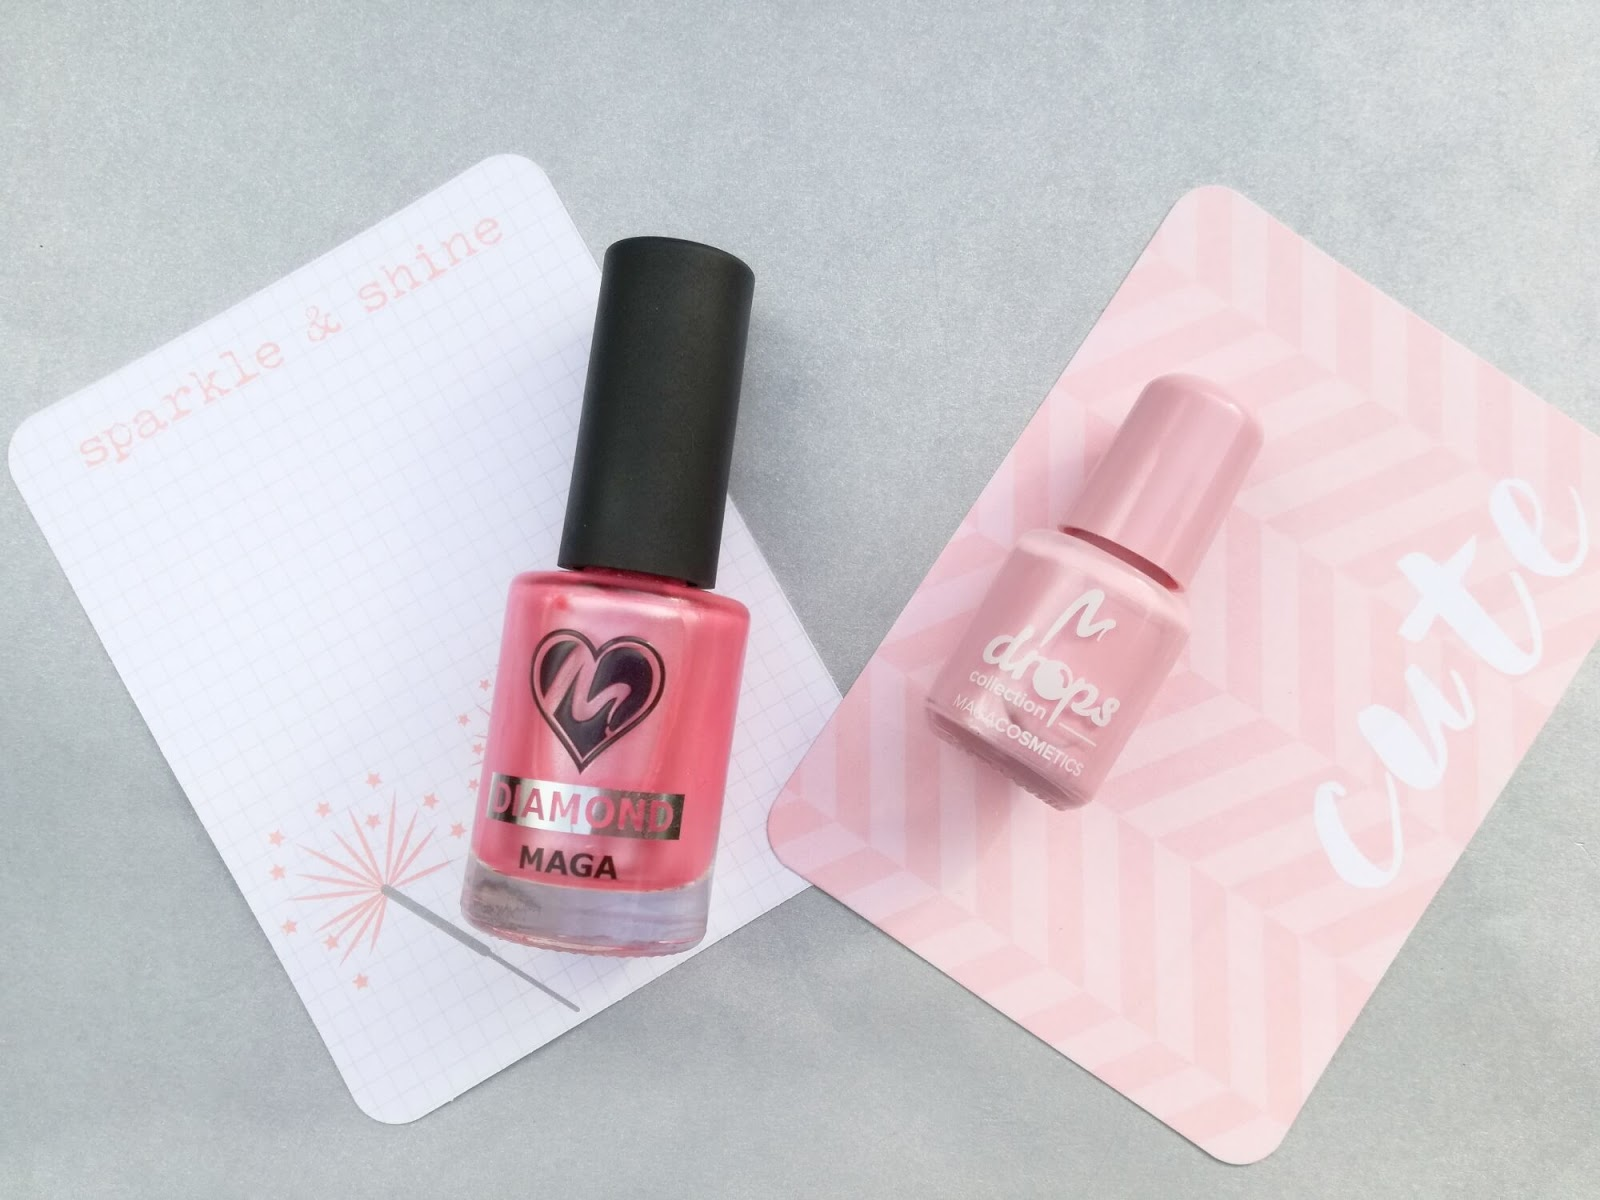 dwa różowe lakiery maga